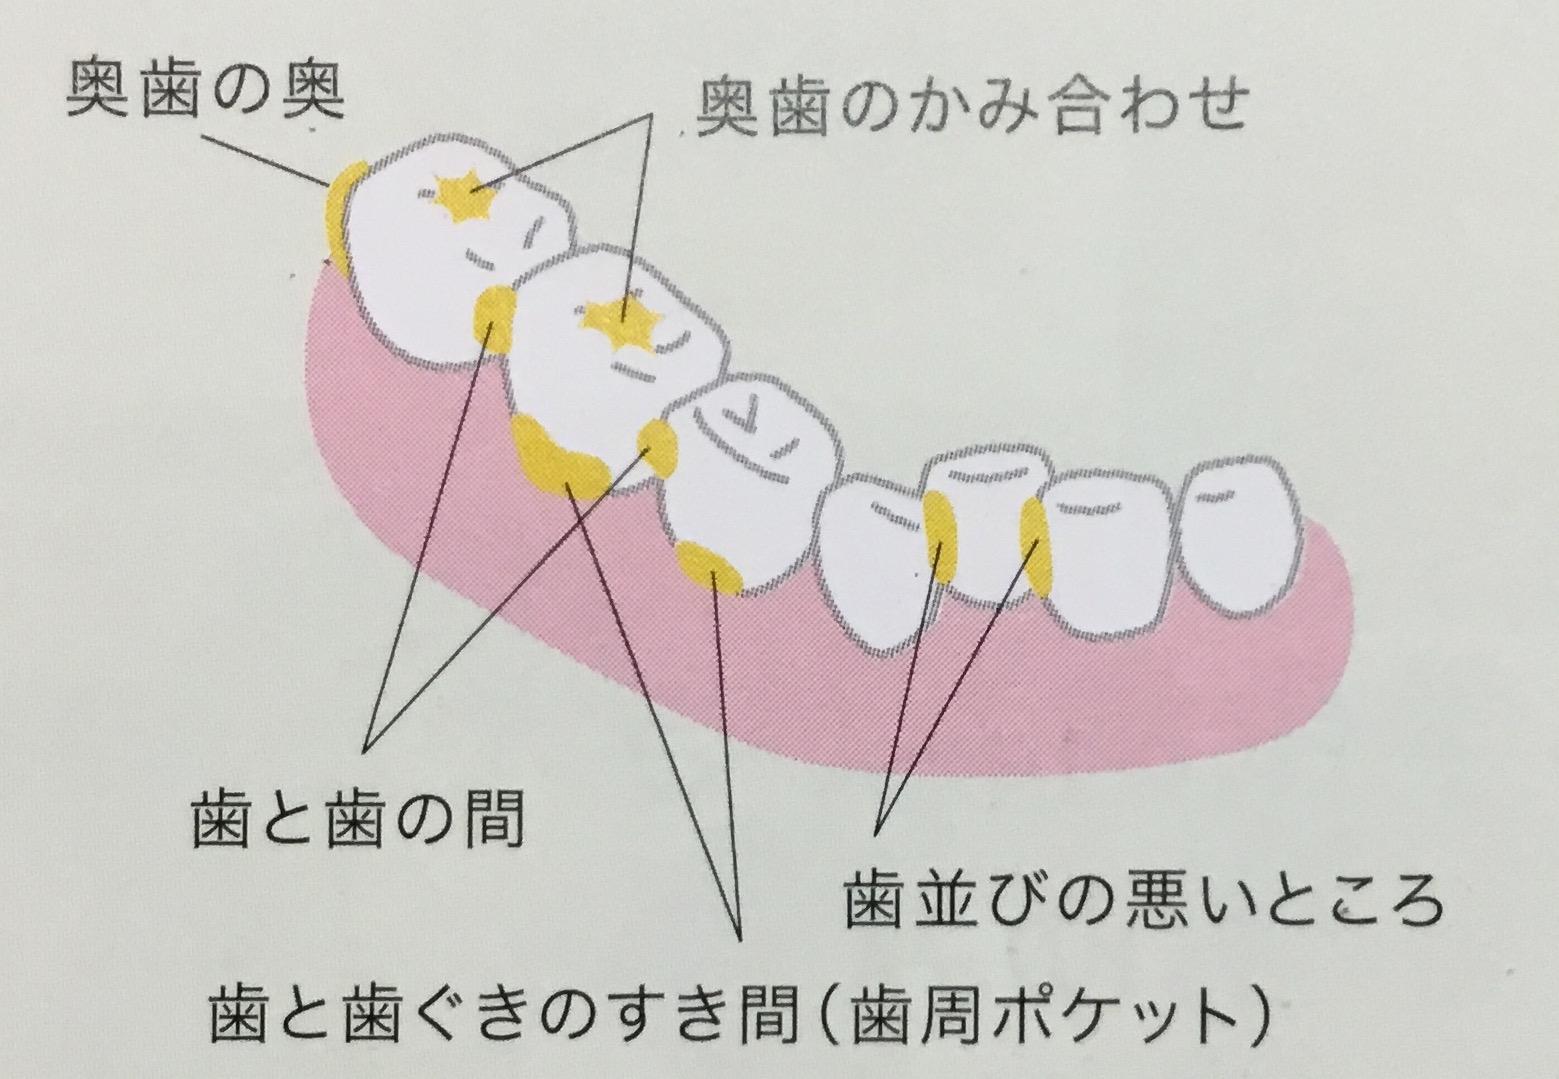 歯垢が残りやすいところを知ろう